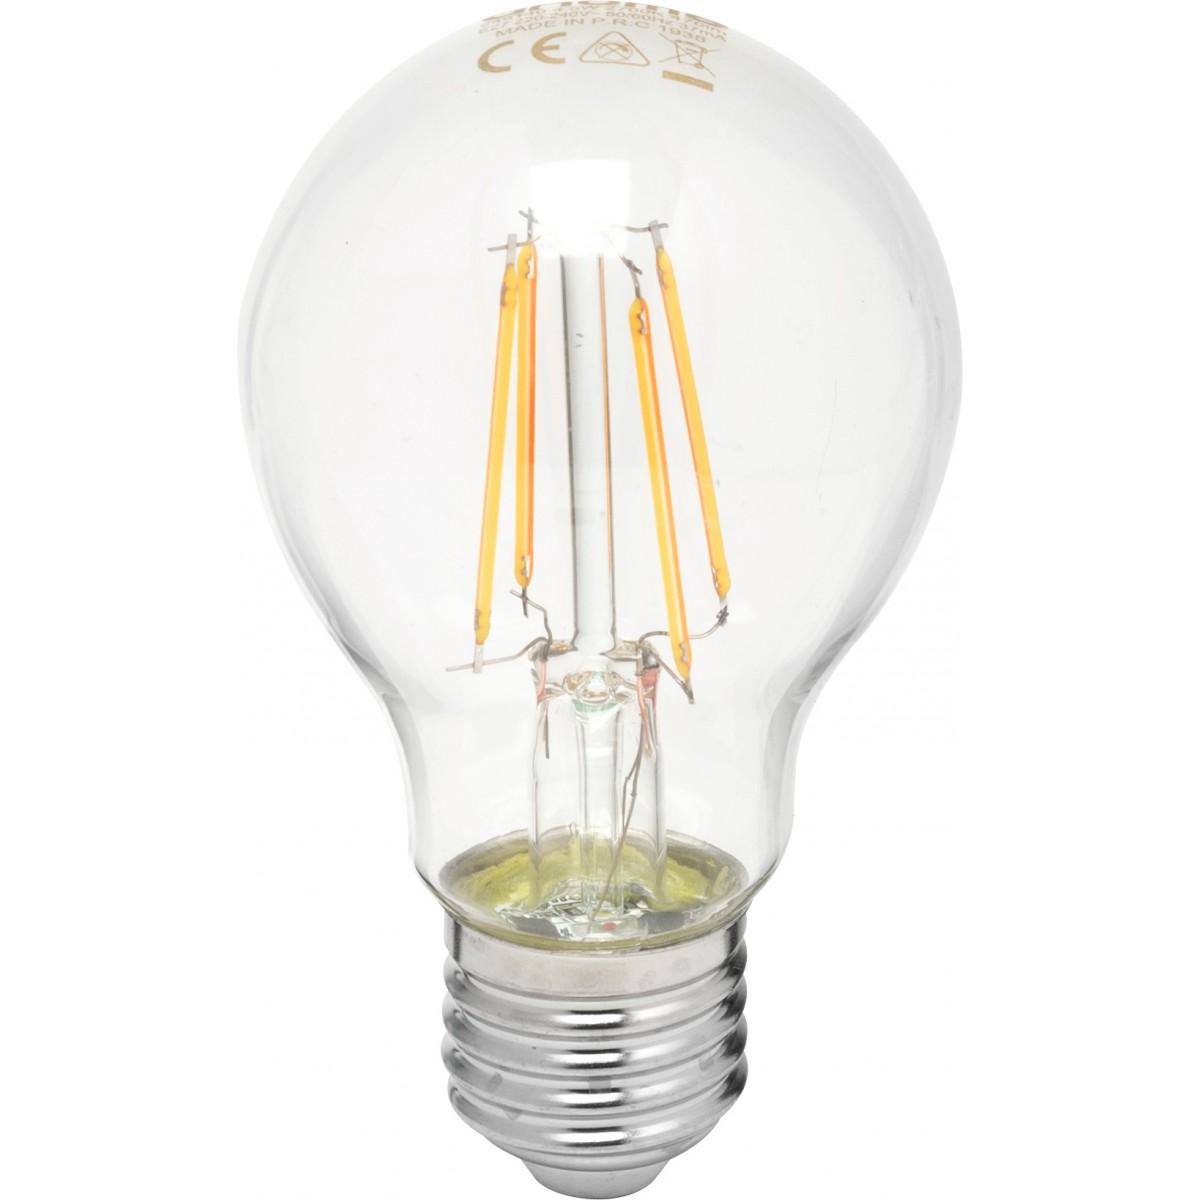 Ampoule LED standard claire à filament E27 dhome - 470 Lumens - 4,5 W - 2700 K